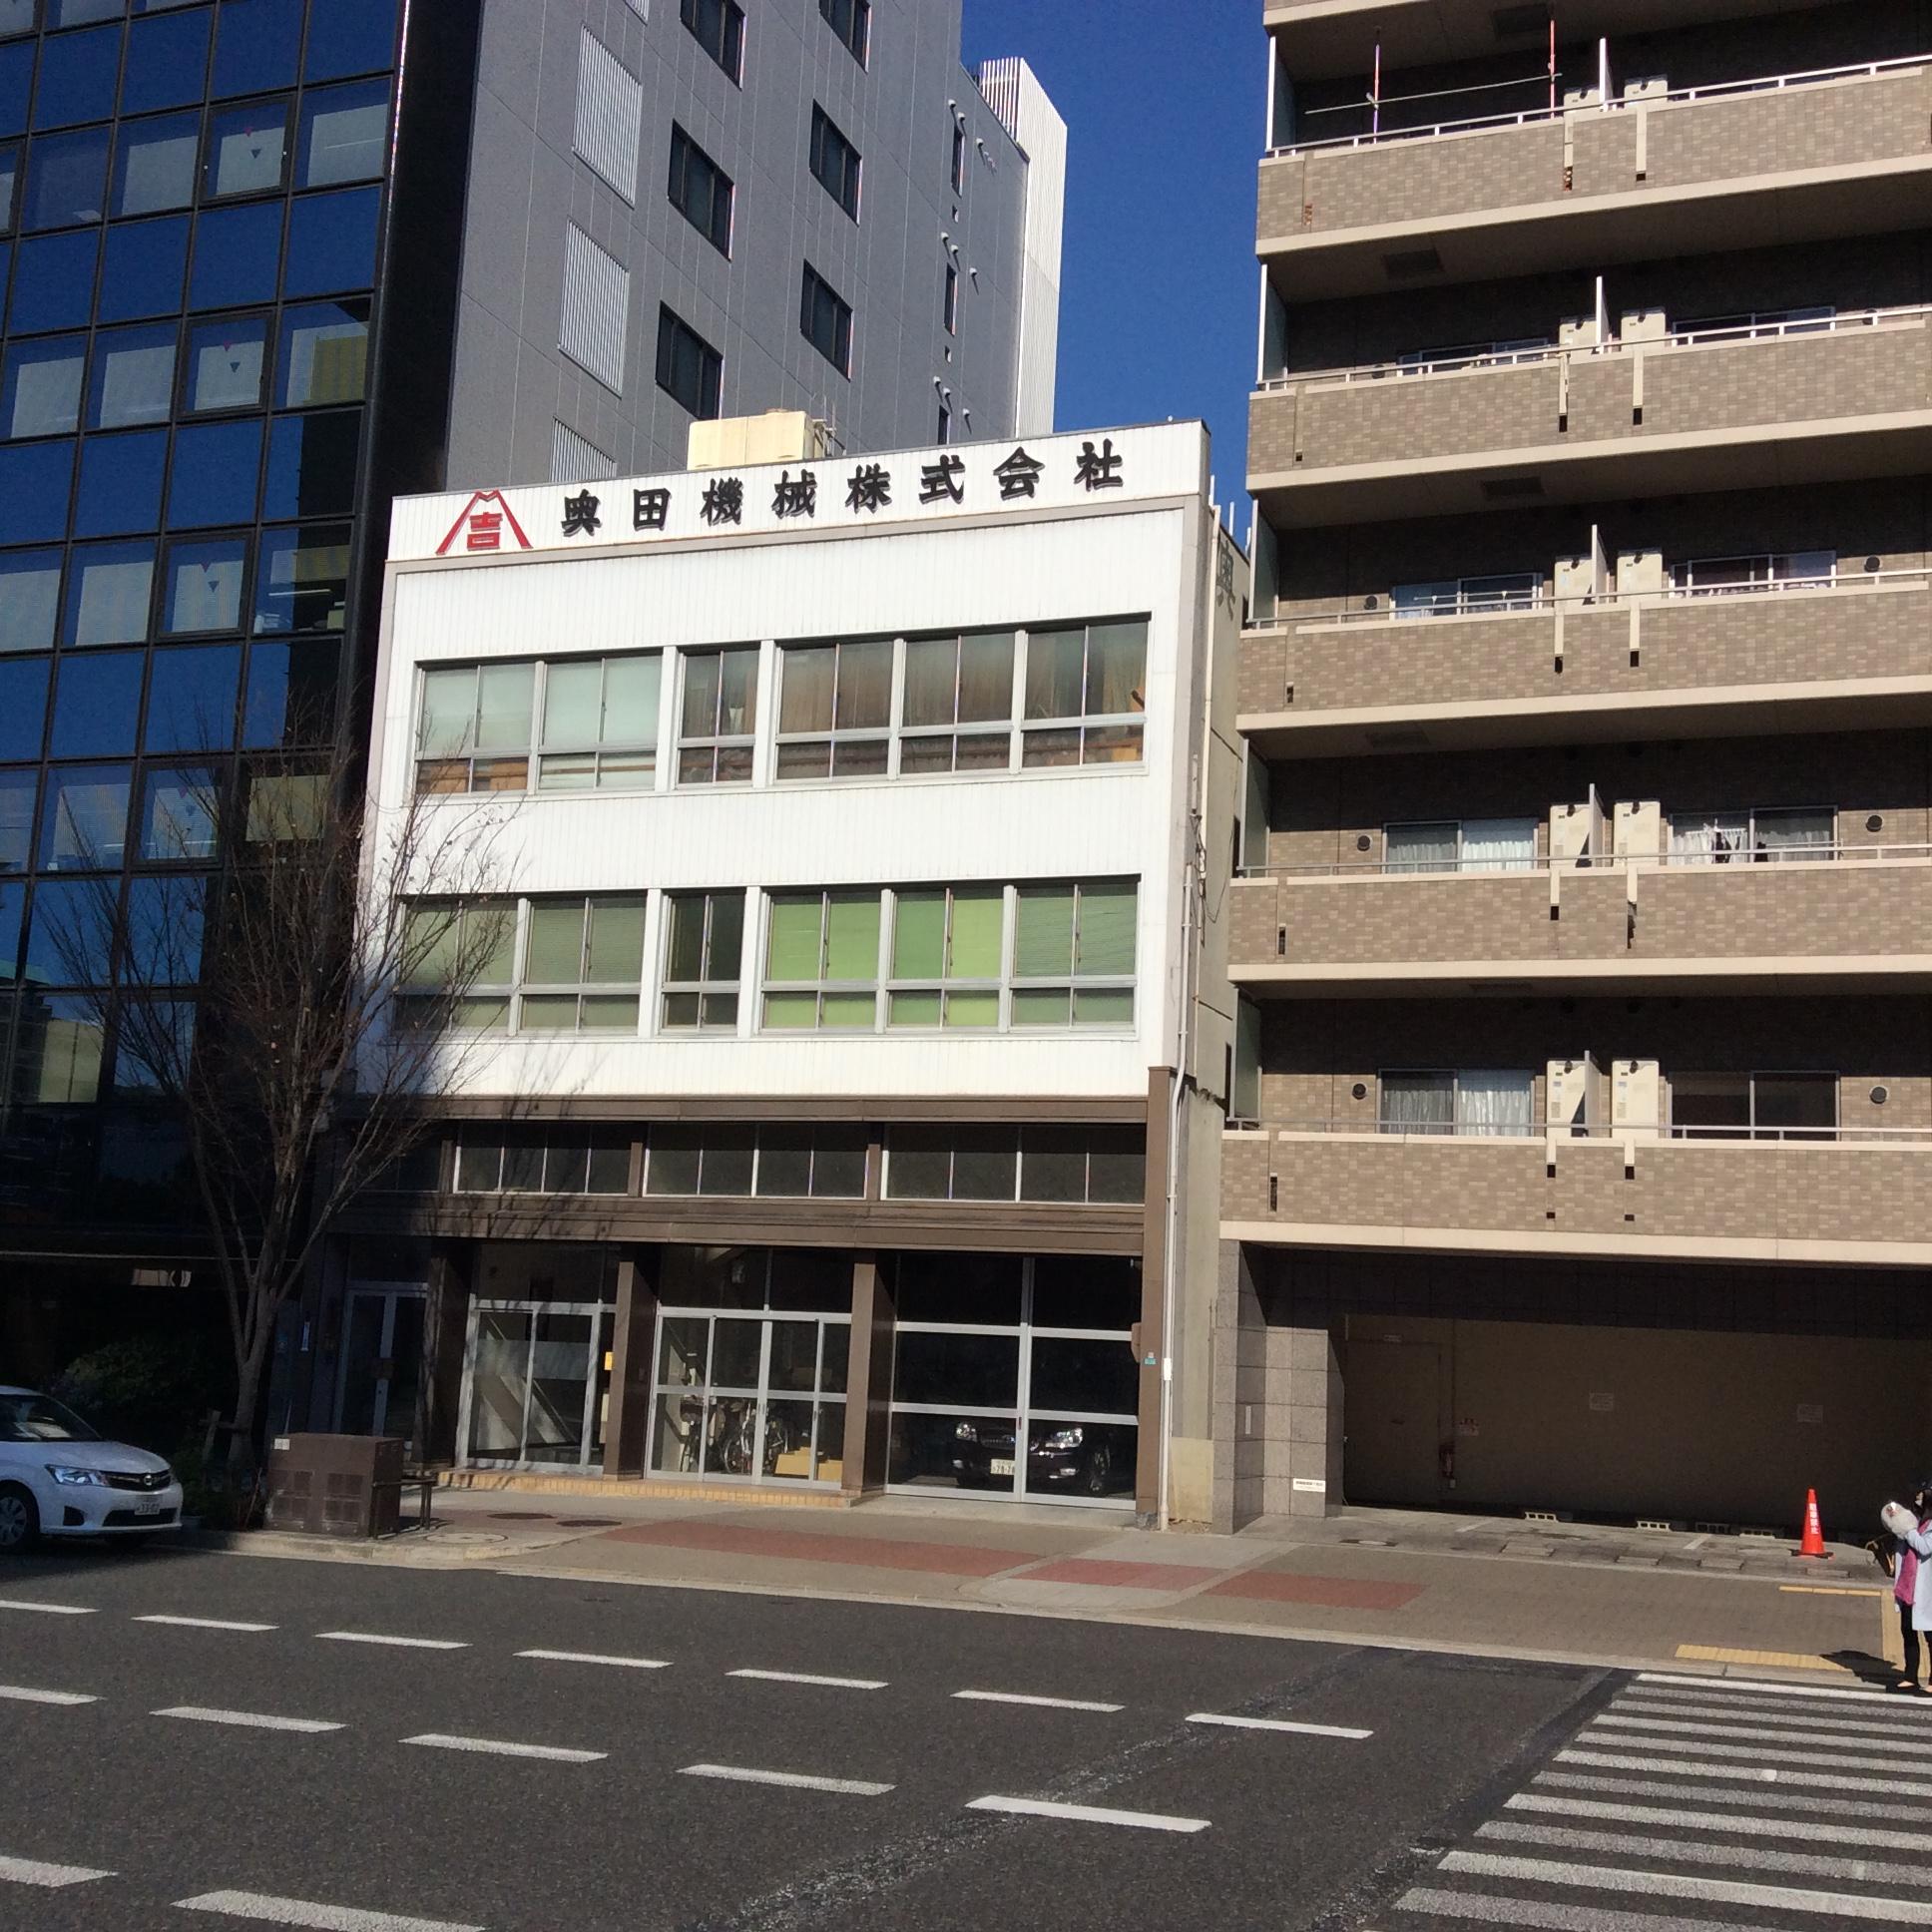 大阪府知事建設業許可業者 奥田機械株式会社様 機械器具設置工事業